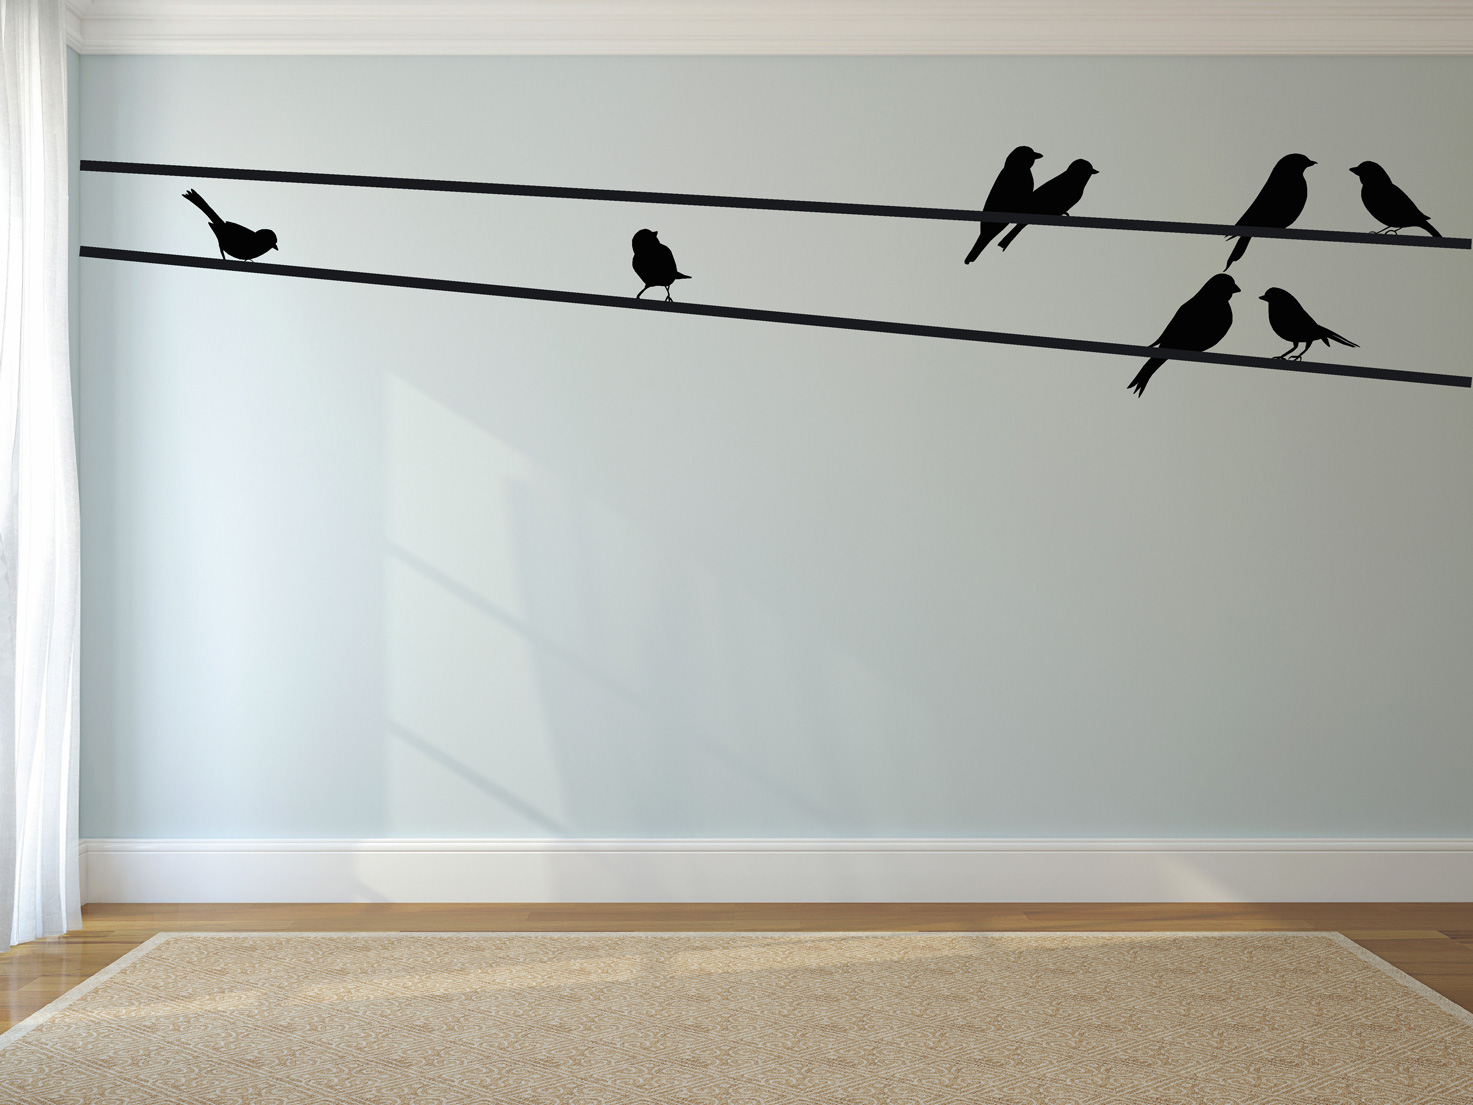 Uw eigen muurstickers zelf ontwerpen en kopen.